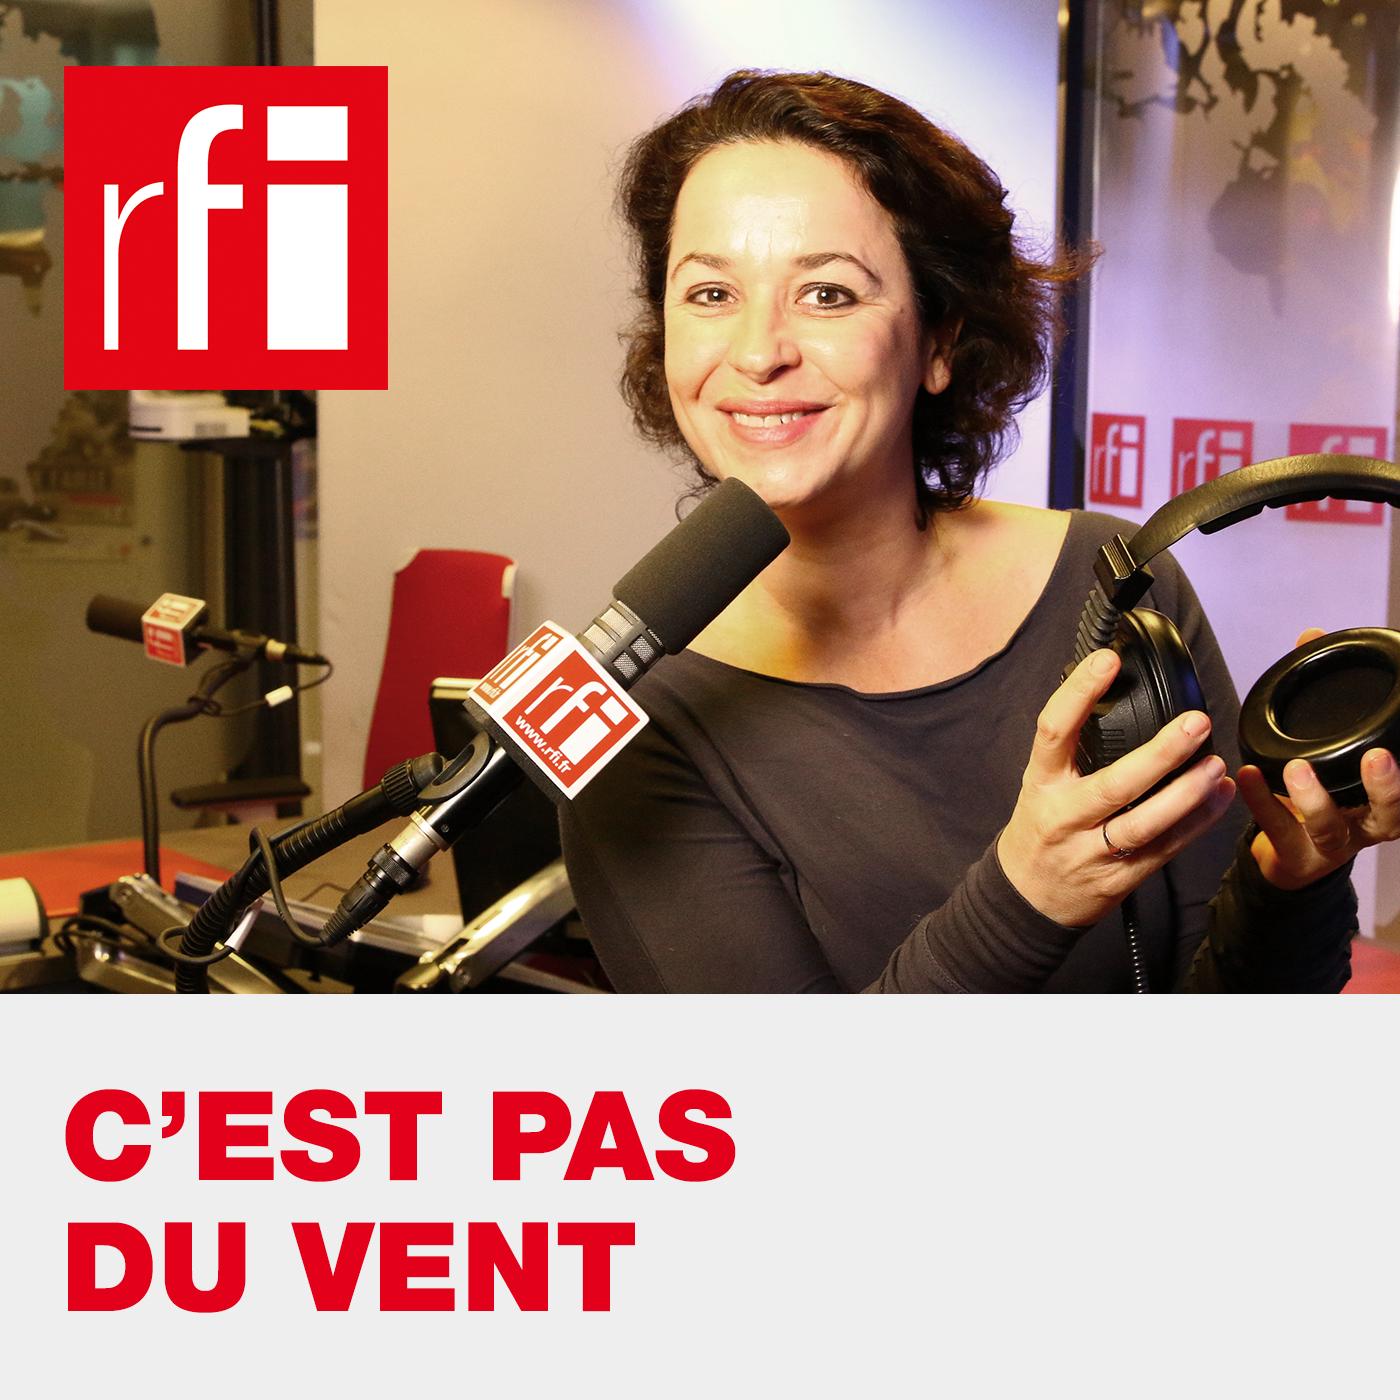 C'est pas du vent:RFI